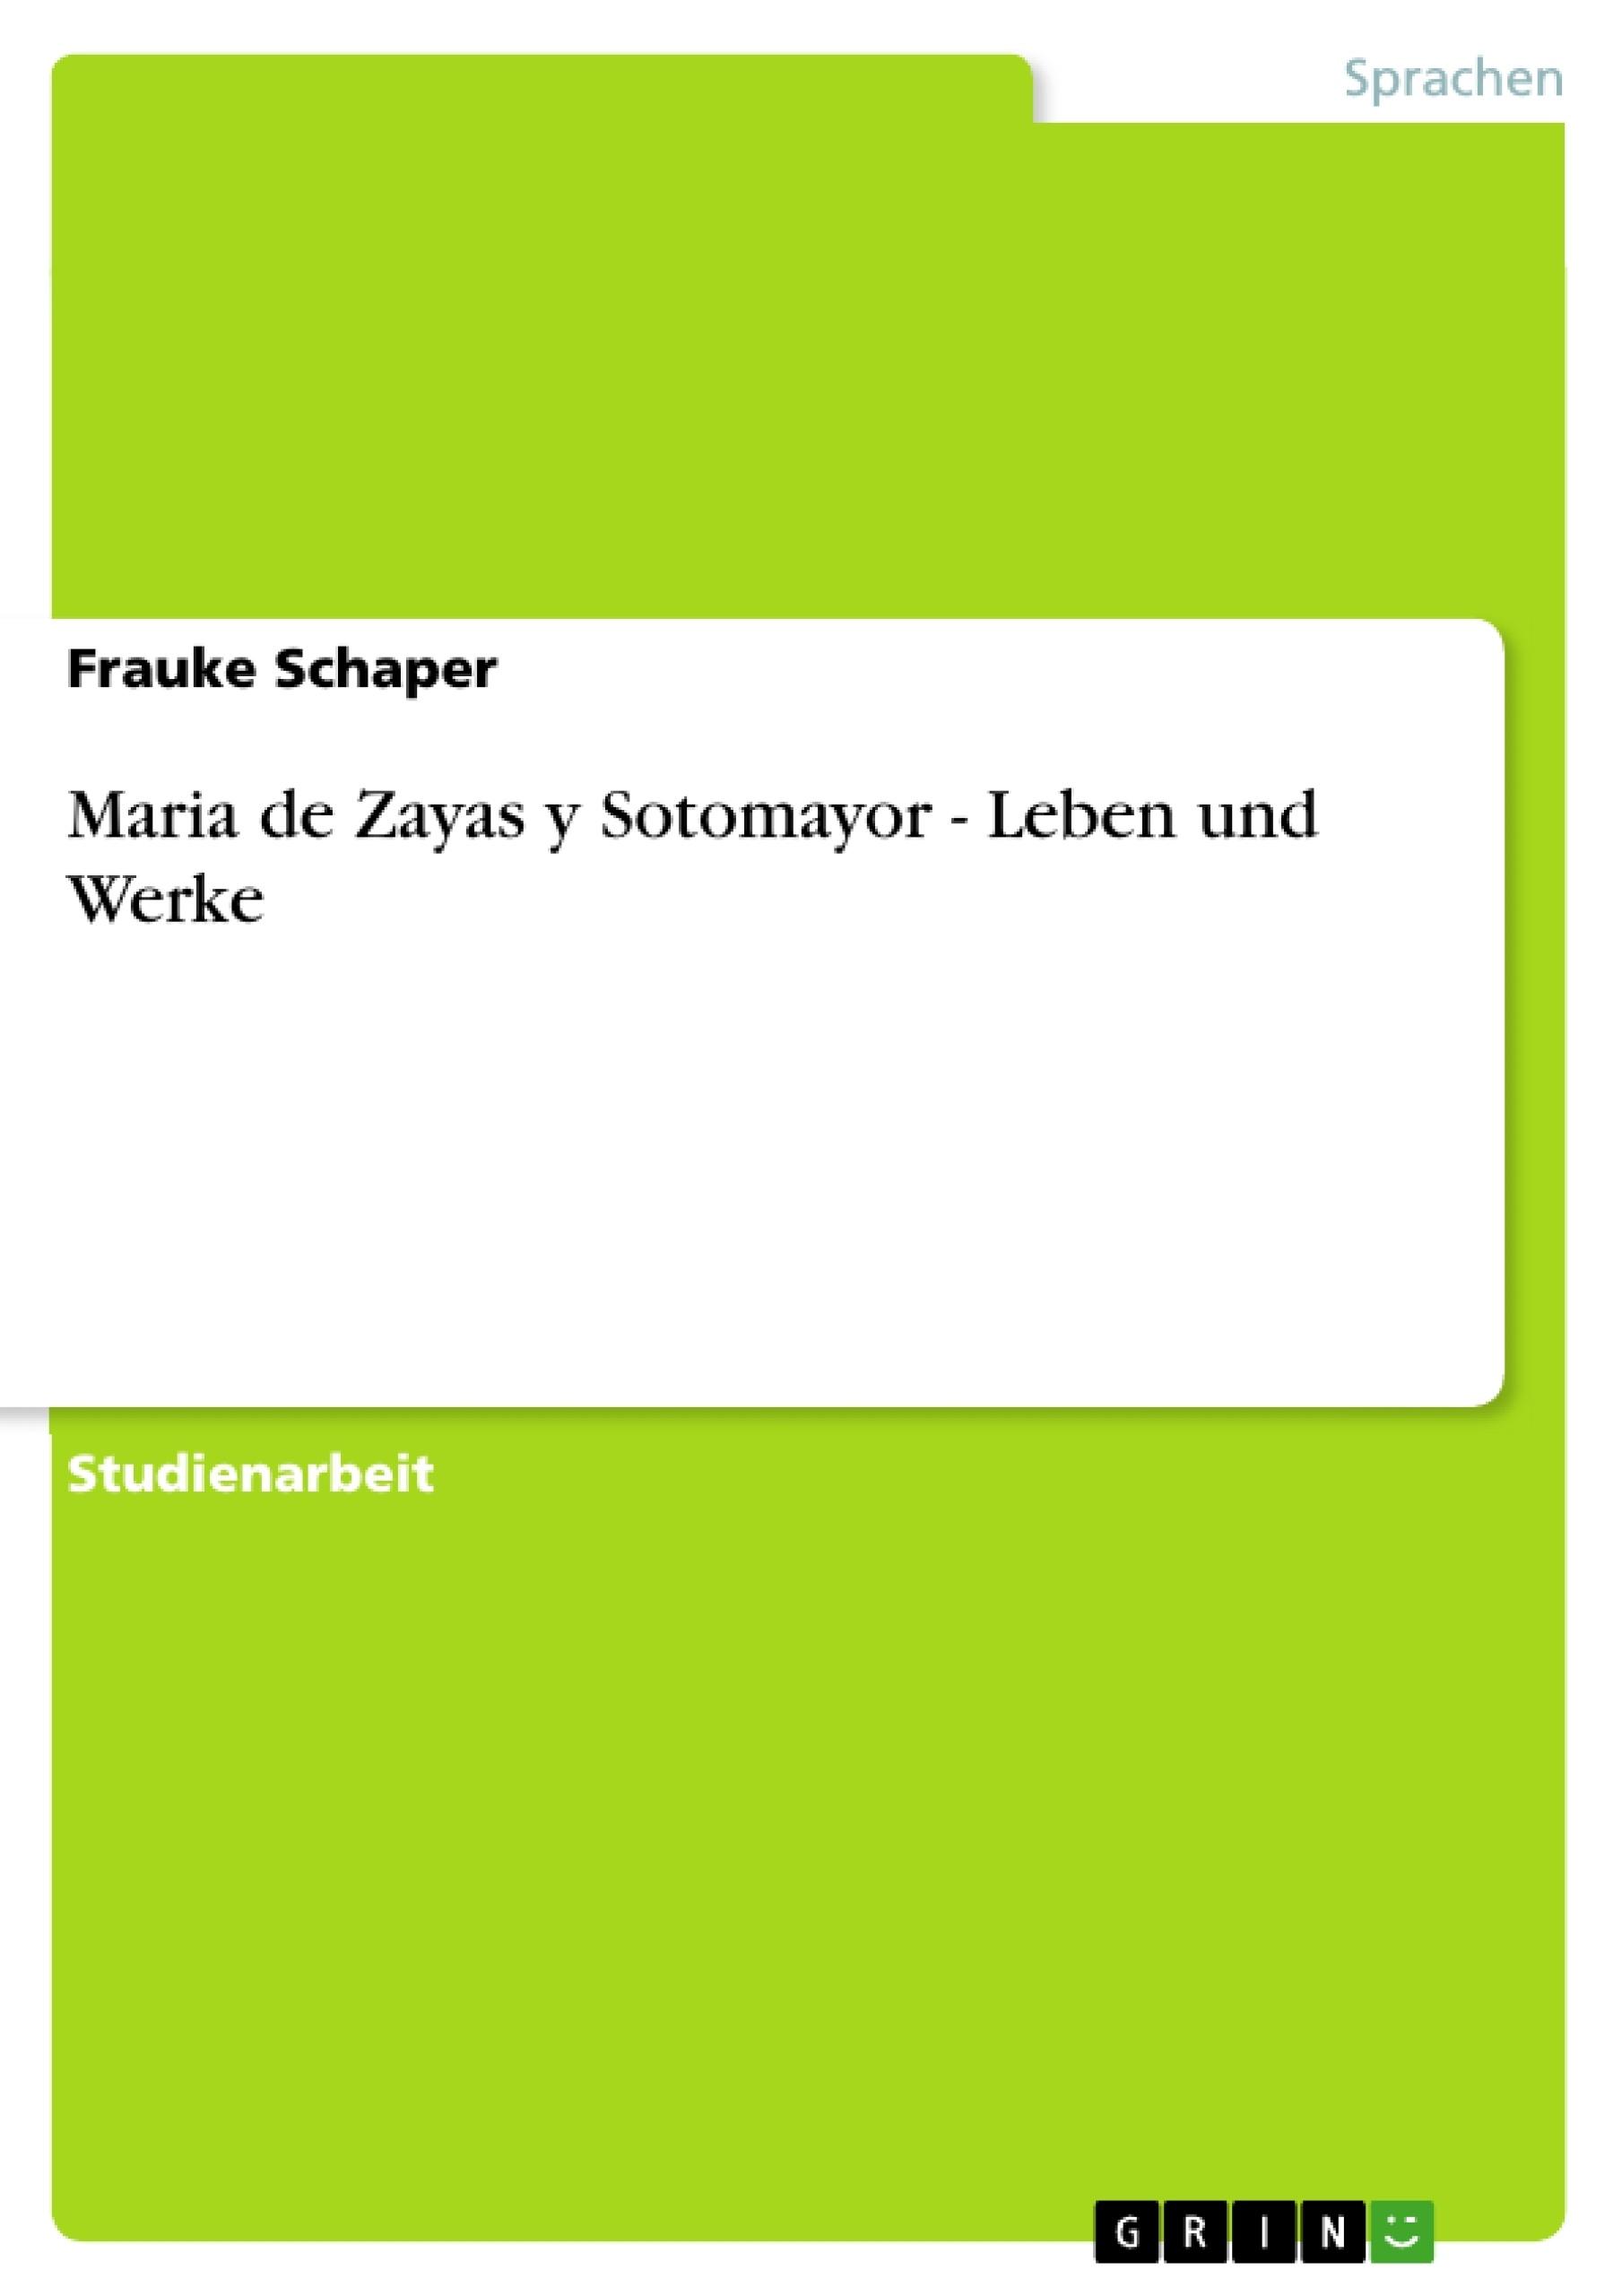 Titel: Maria de Zayas y Sotomayor - Leben und Werke